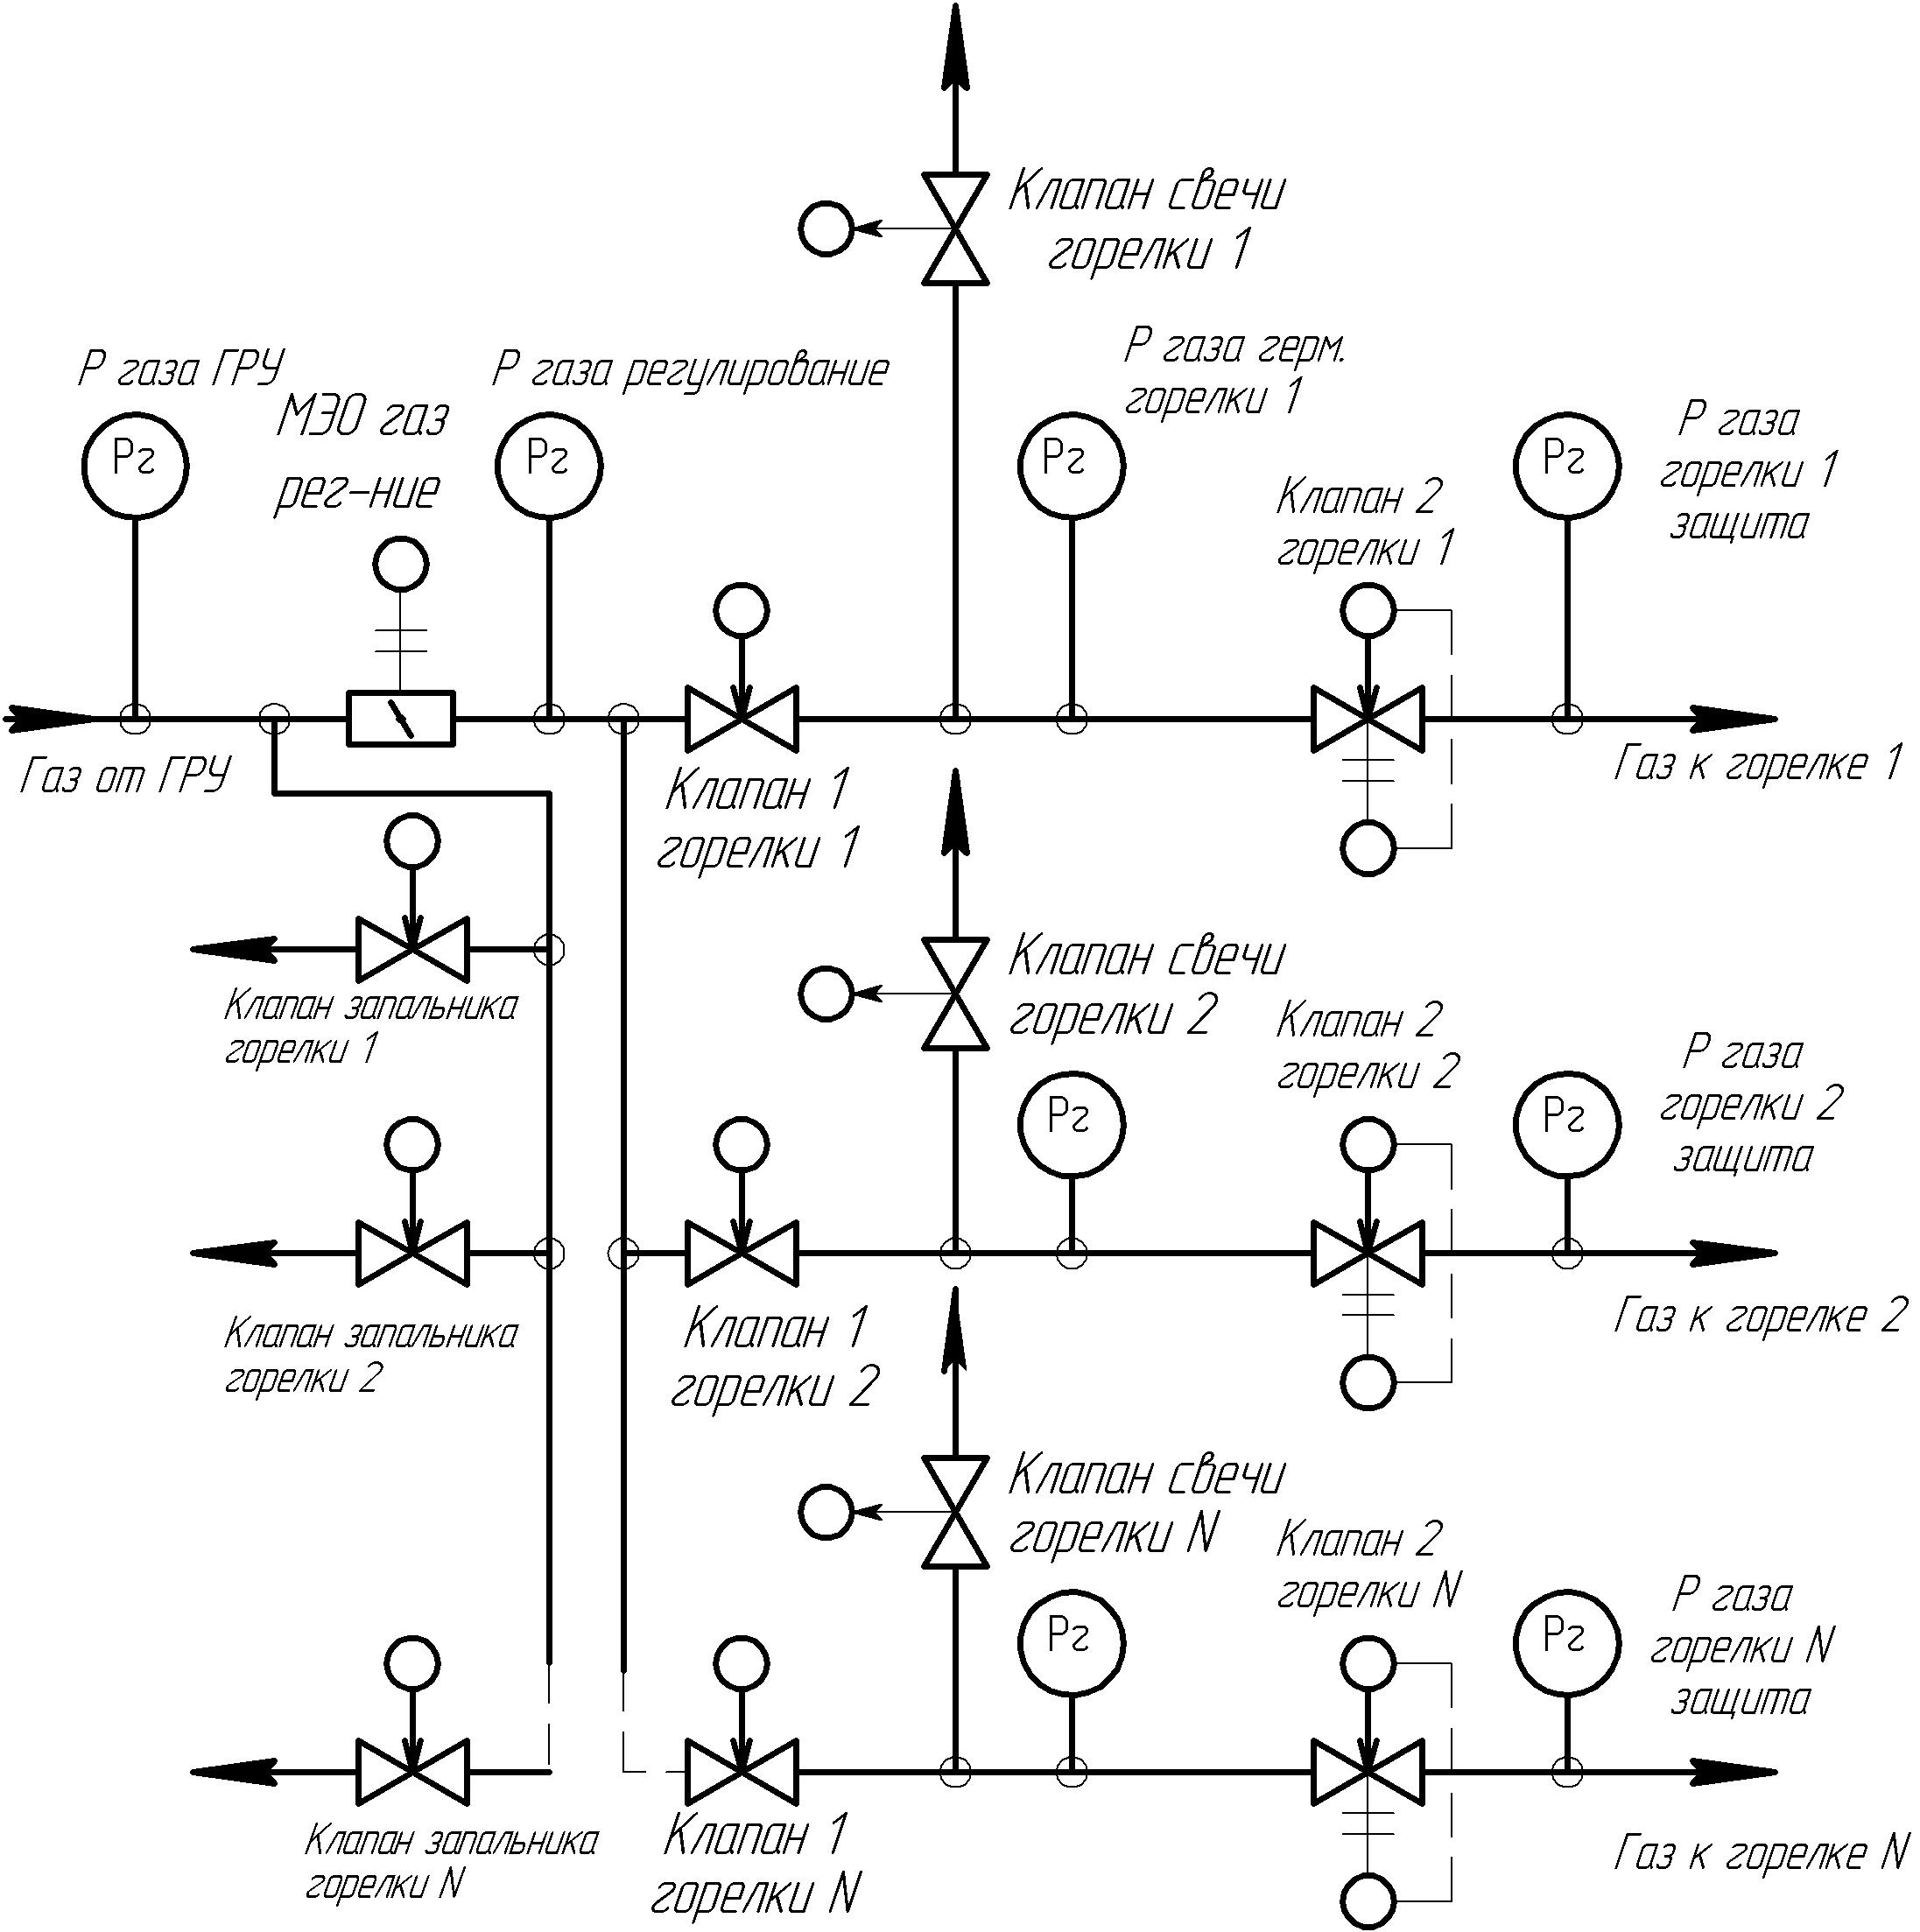 схема работы автоматики